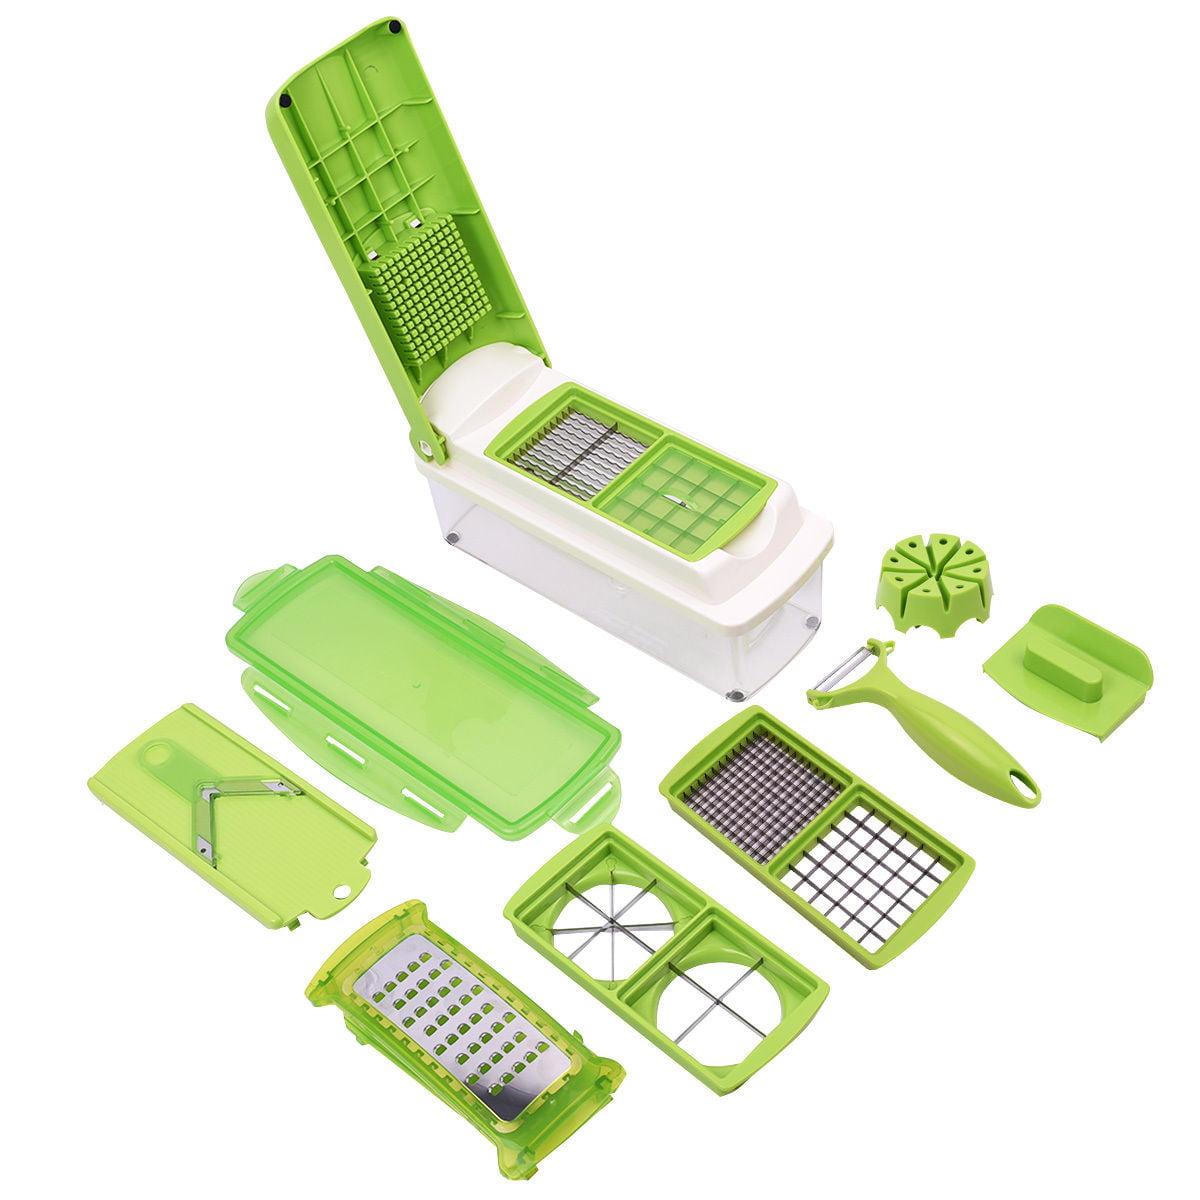 Costway 12 PC Super Slicer Plus Vegetable Fruit Peeler Dicer Cutter Chopper Nicer Grater by Costway